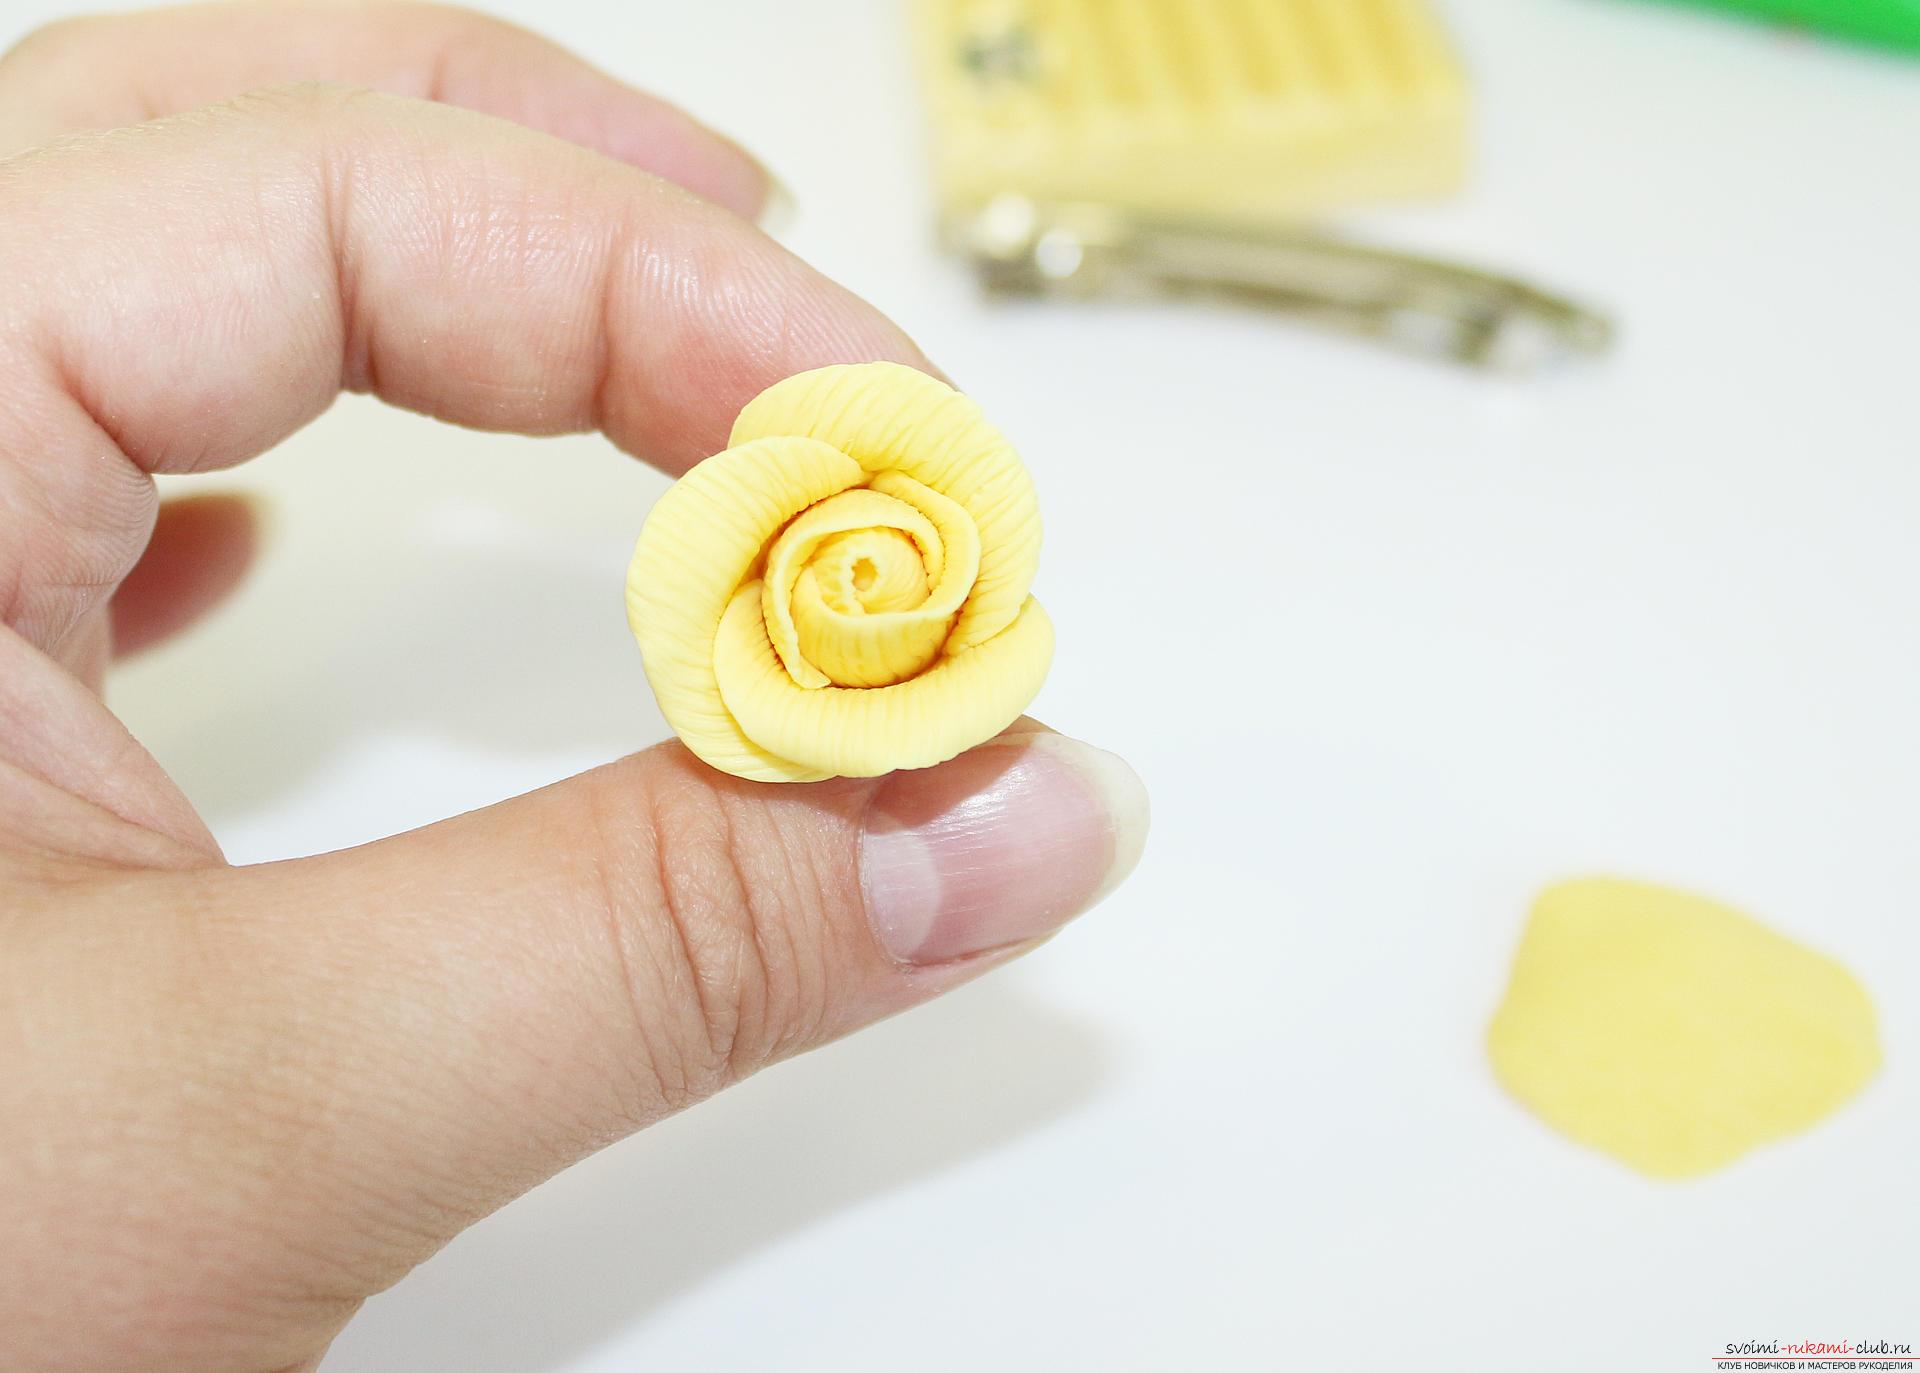 Как сделать заколку или резинку своими руками